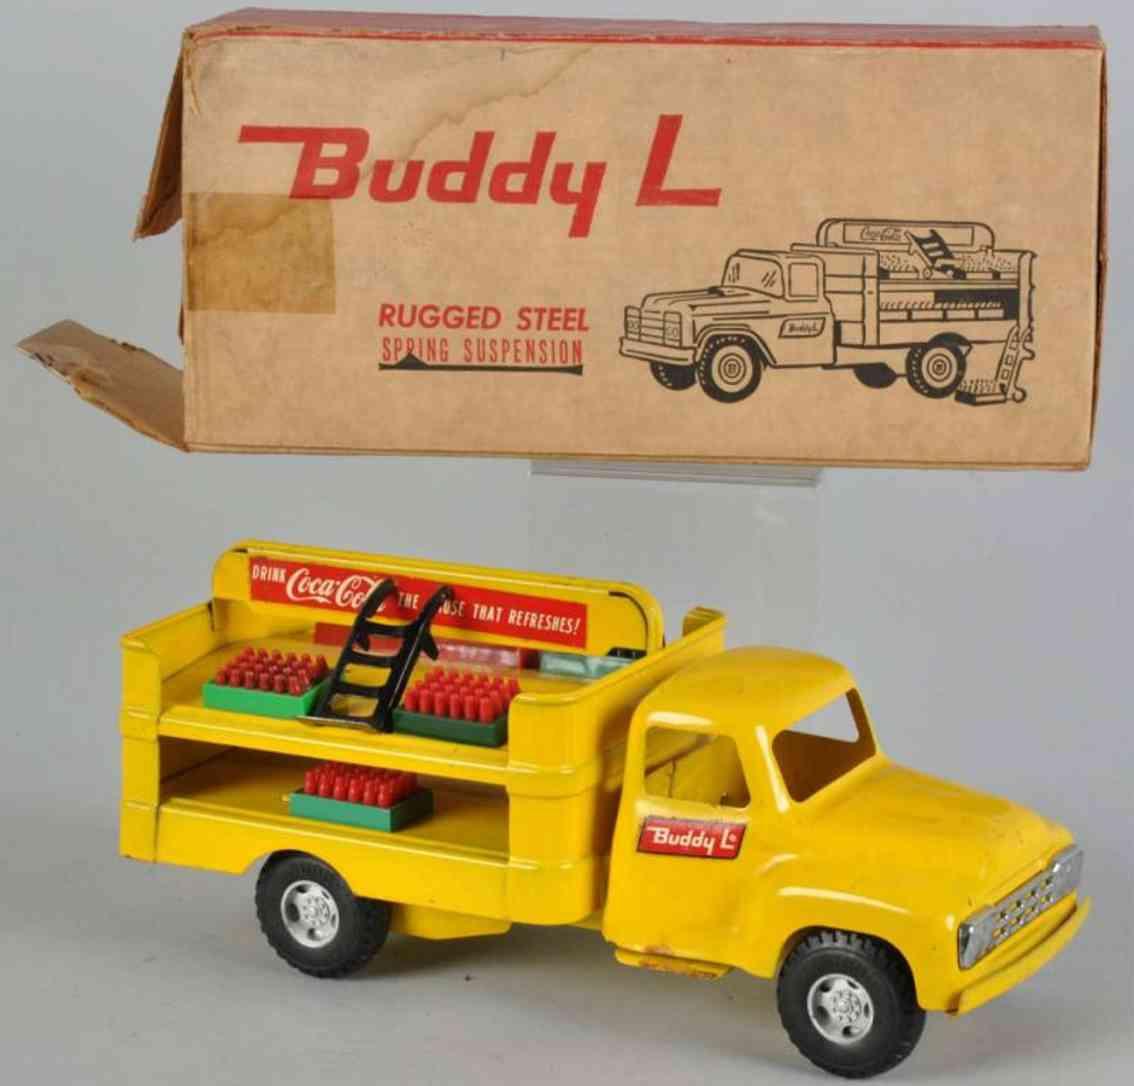 buddy l blech spielzeug coca cola lieferwagen